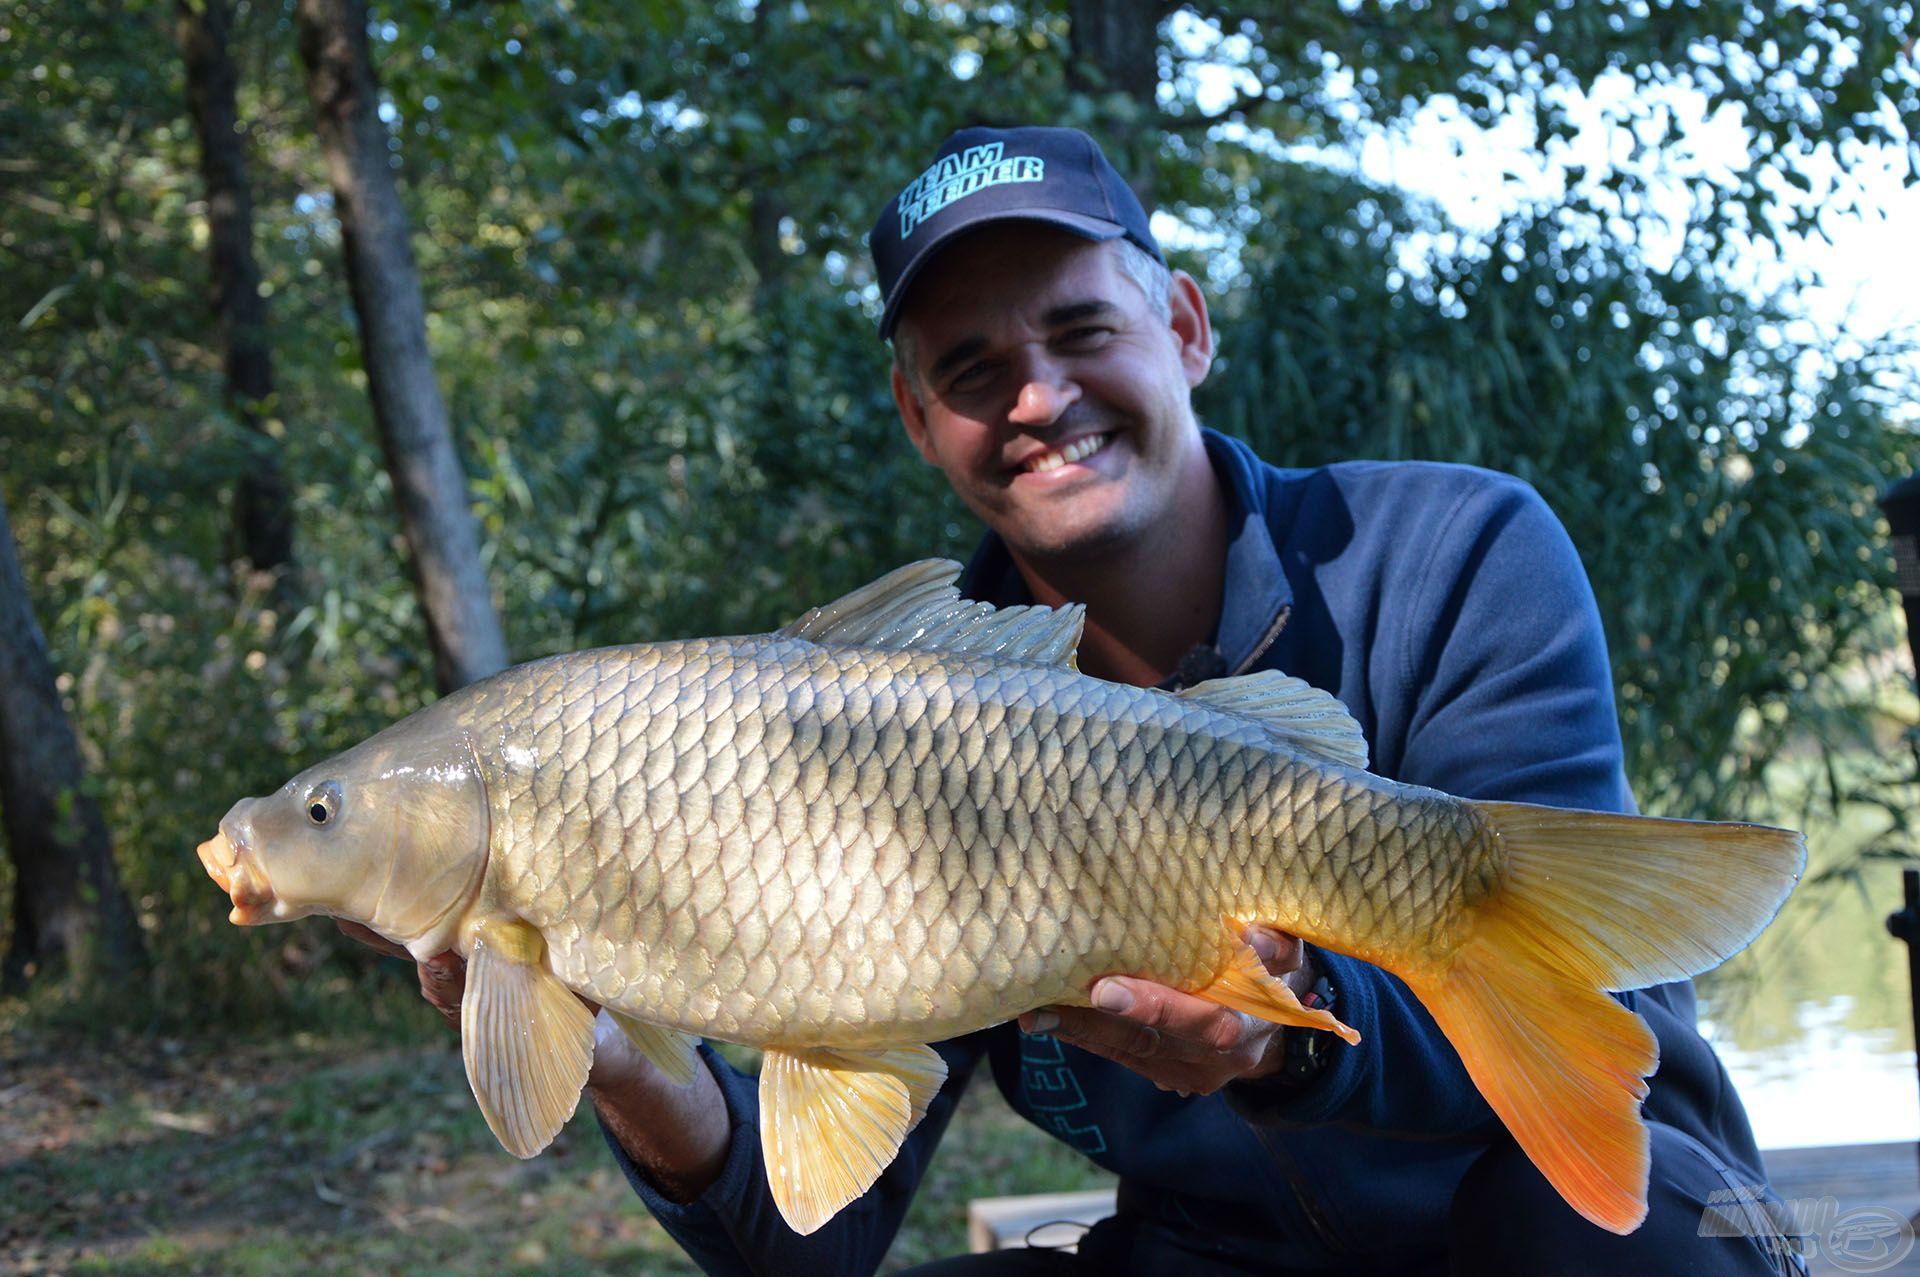 Az ilyen méretű halak fárasztása maradandó élmény a Royal Method Carp bottal